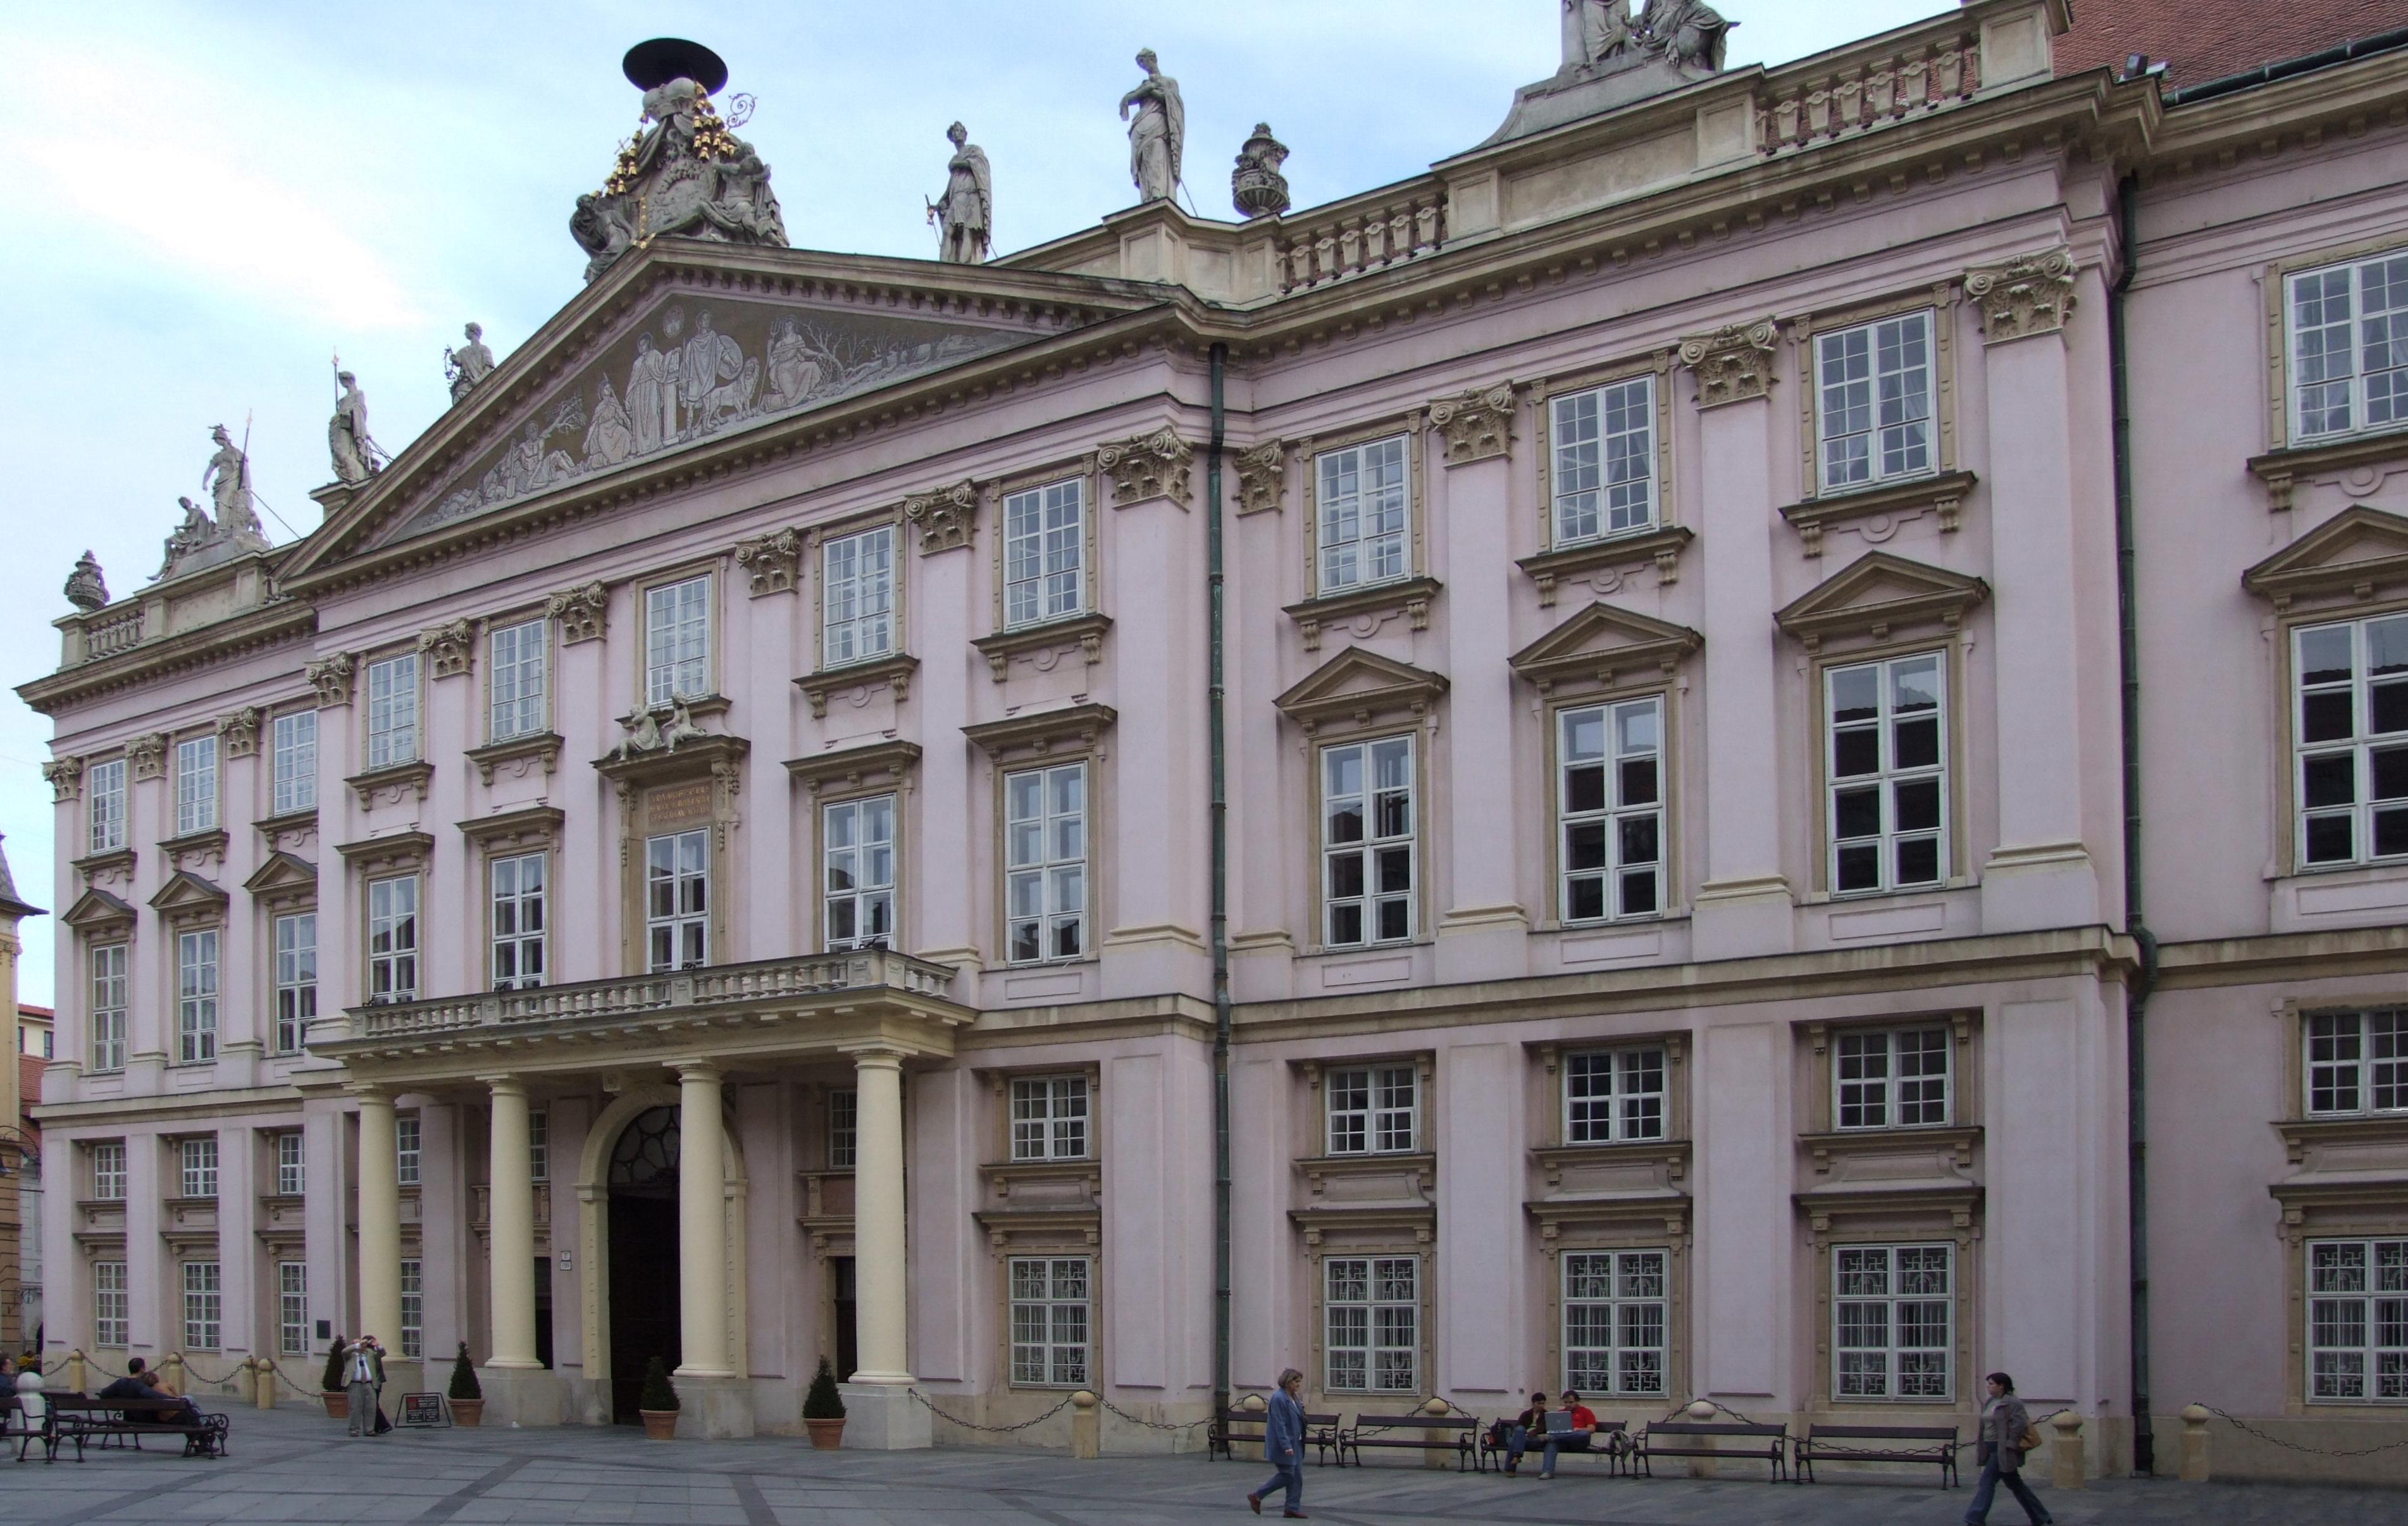 Priimaksen palatsi